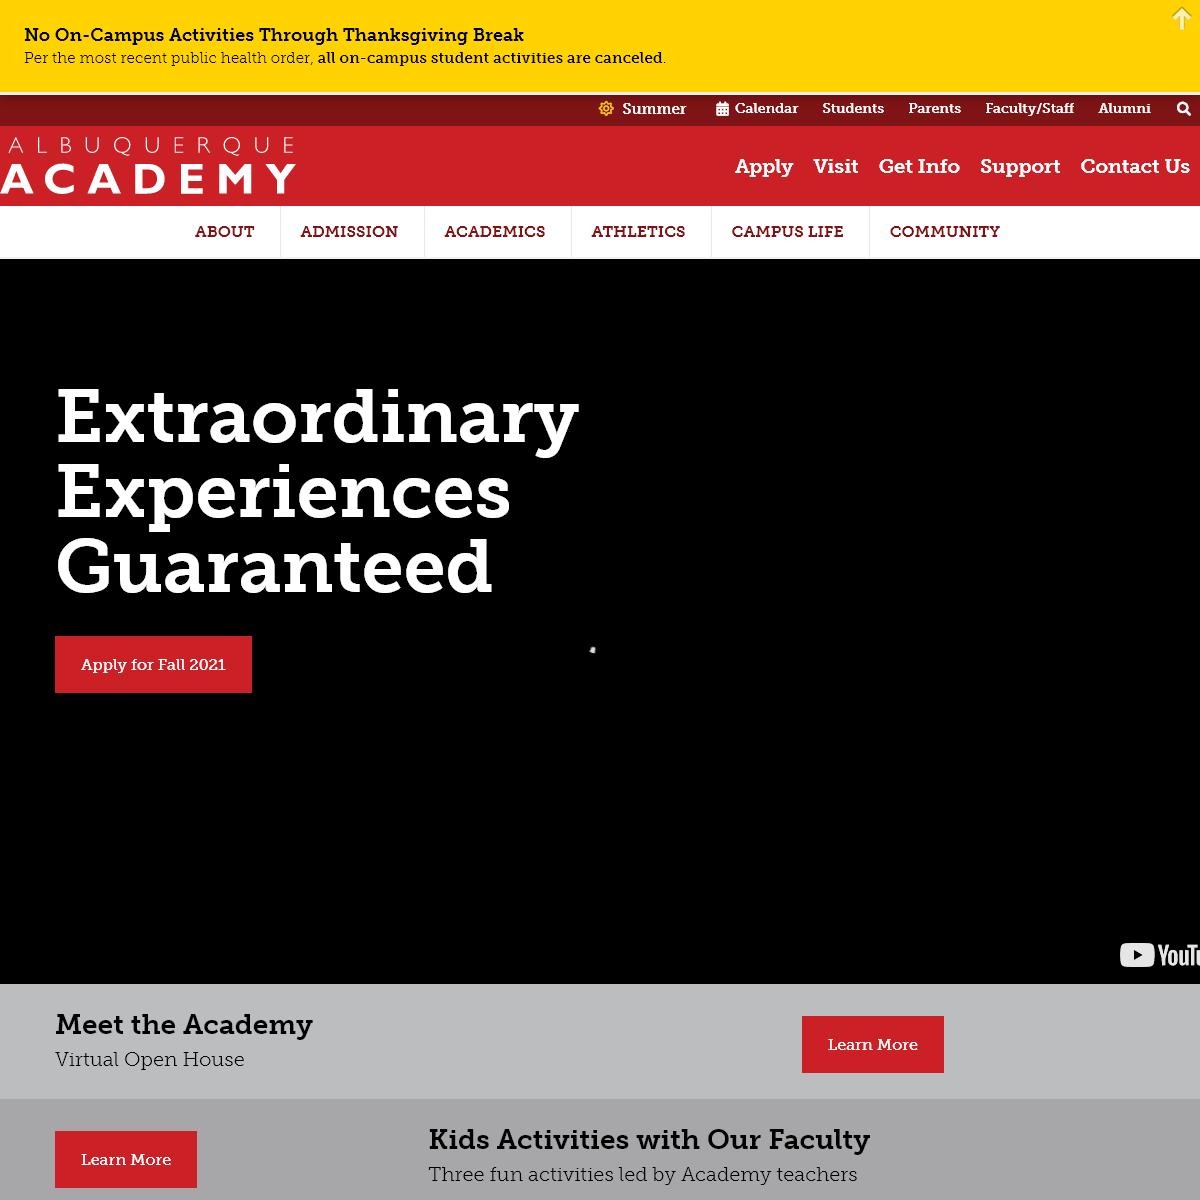 Home - Albuquerque Academy